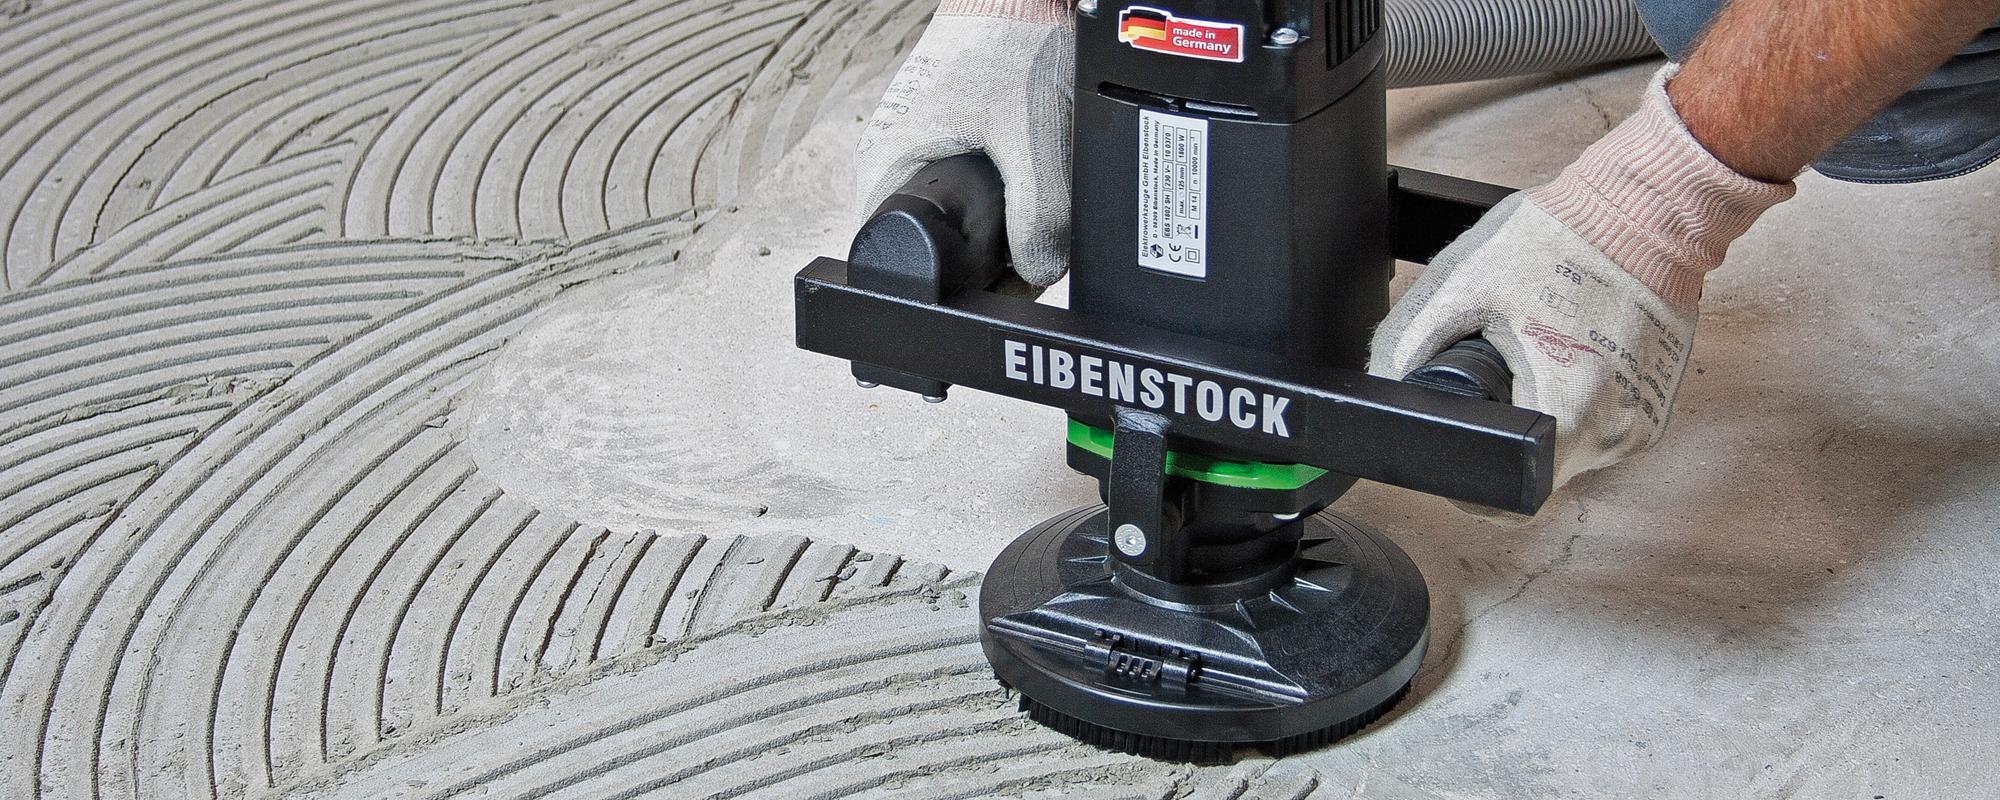 Desbastadores de betão, Desbastadora Eibenstock EBS 1802, Polidoras de Betão, EBS 1802 SH, Lixadeira de betão Eibenstock, Pavimentos de betão, Pedra natural, ferramentas elétricas, Ferramentas Profissionais